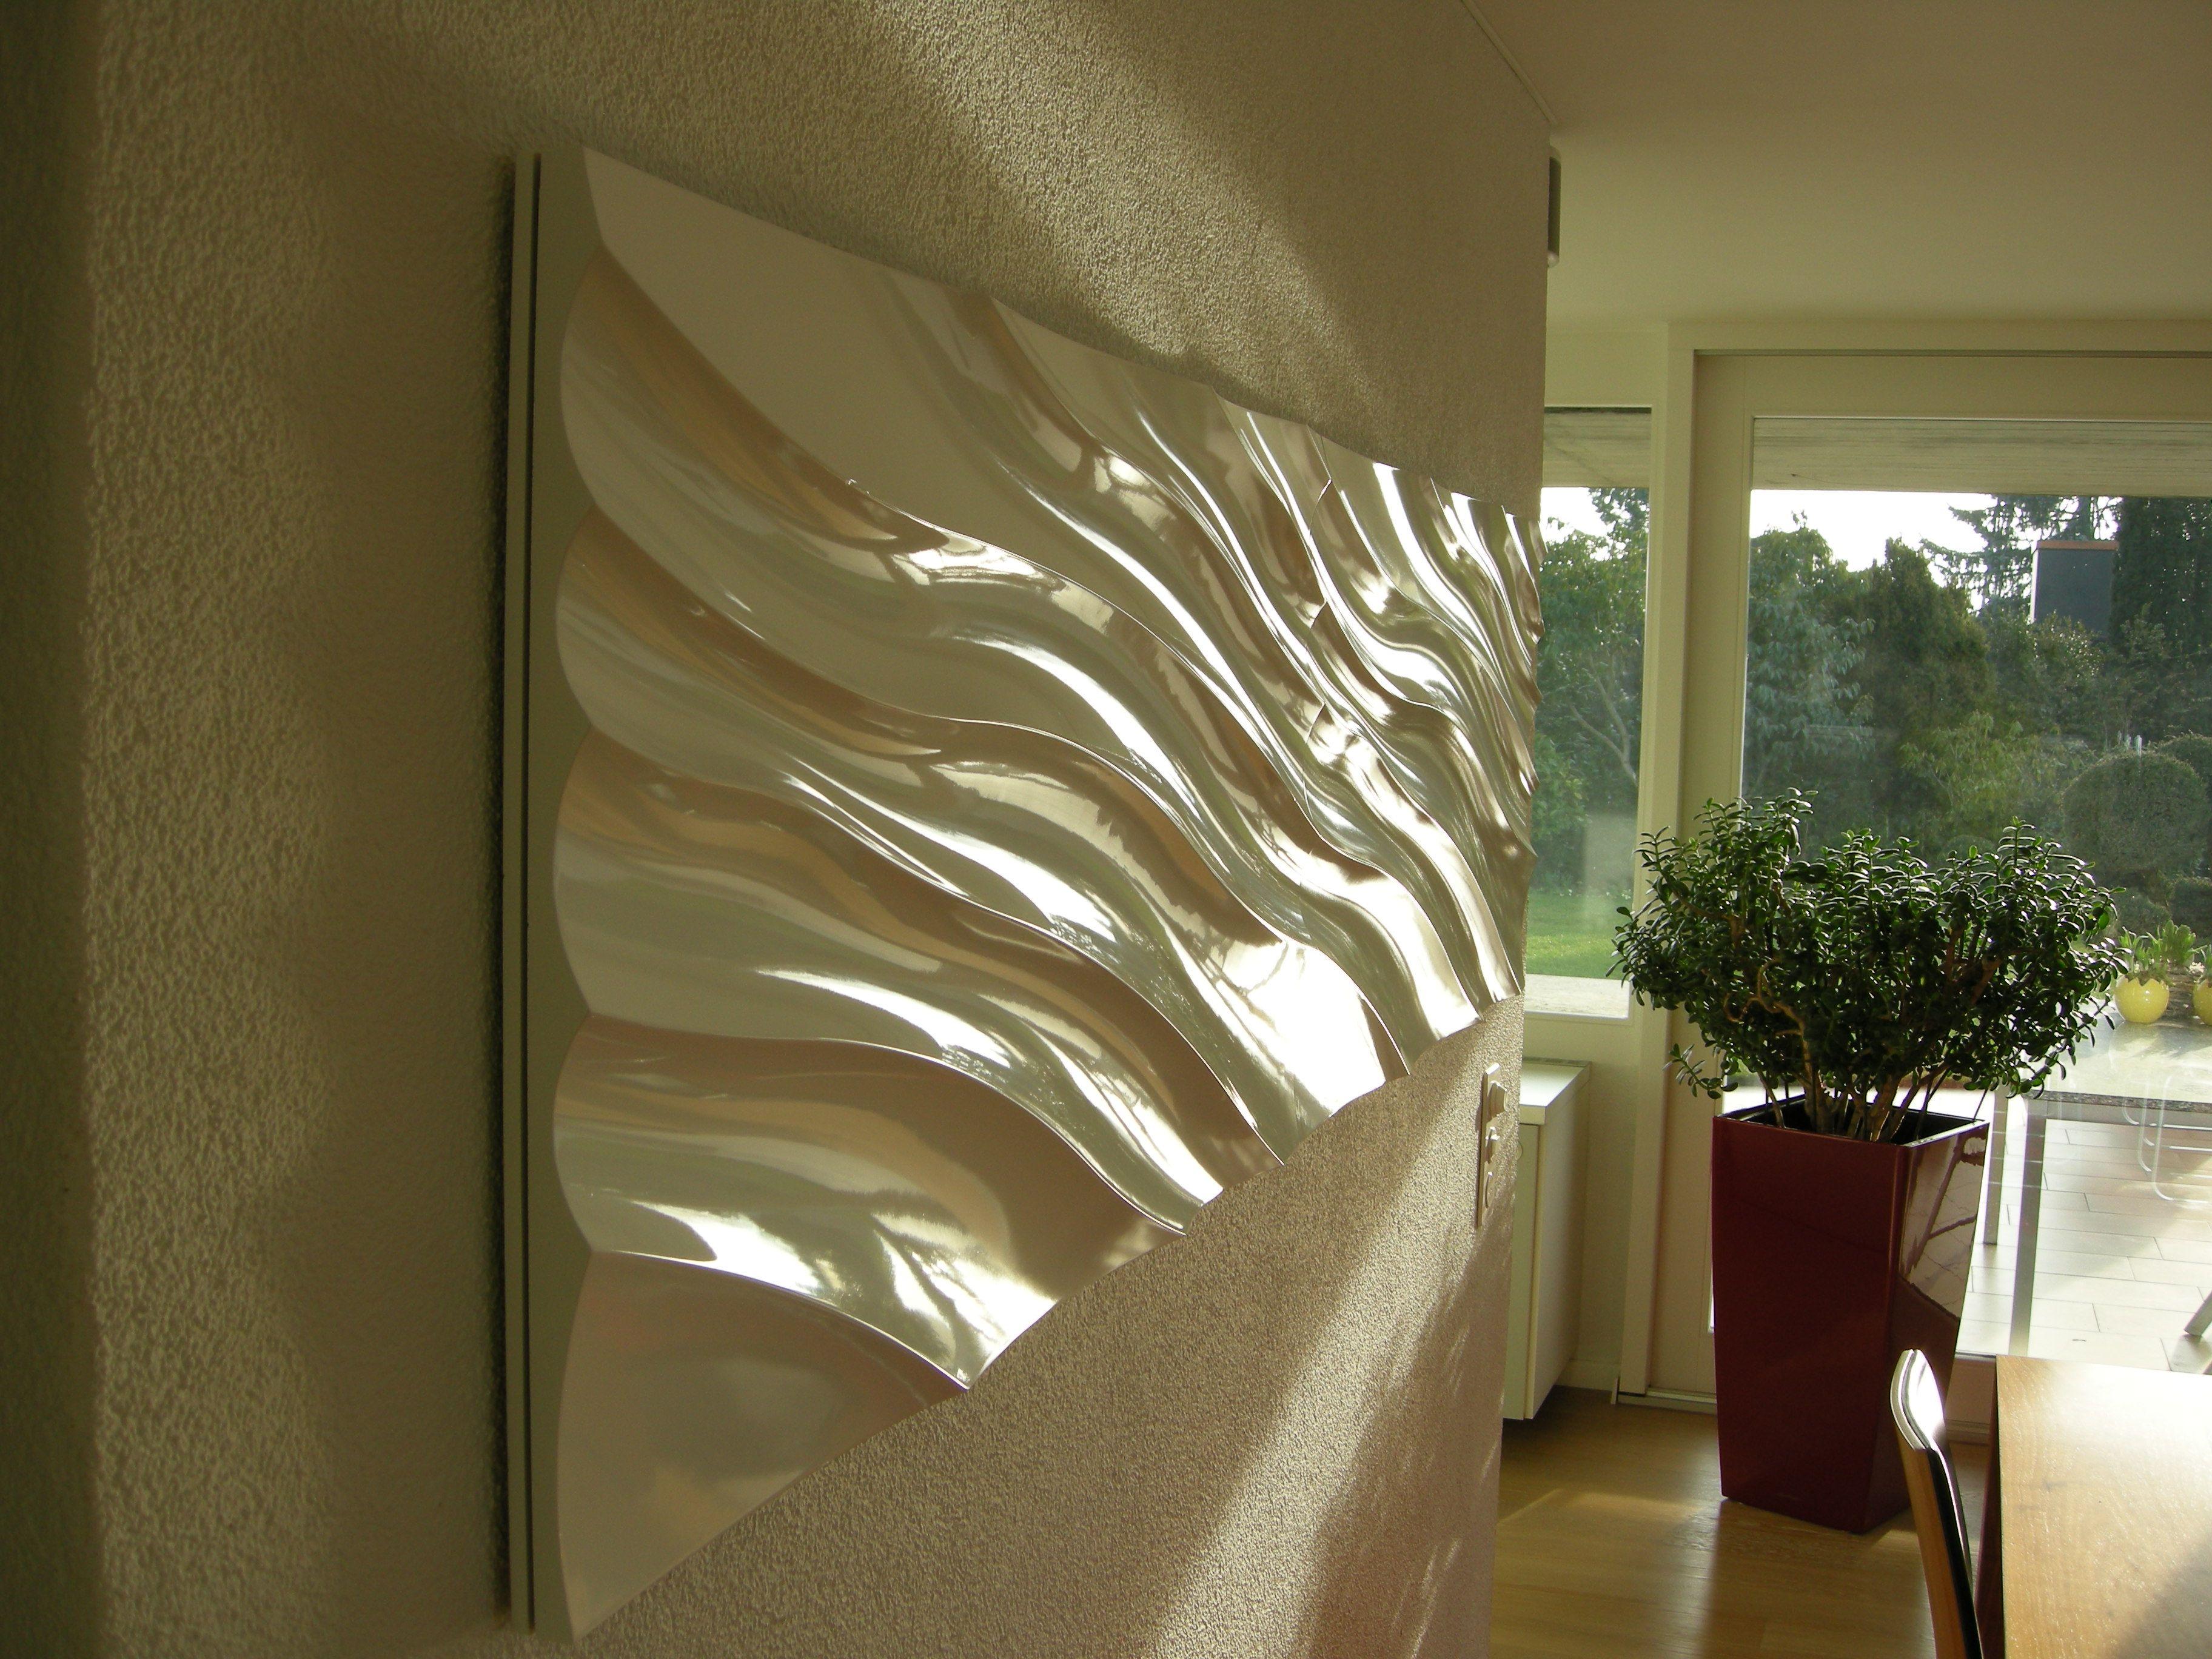 wandgestaltung holz | wandgestaltung wohnzimmer | pinterest